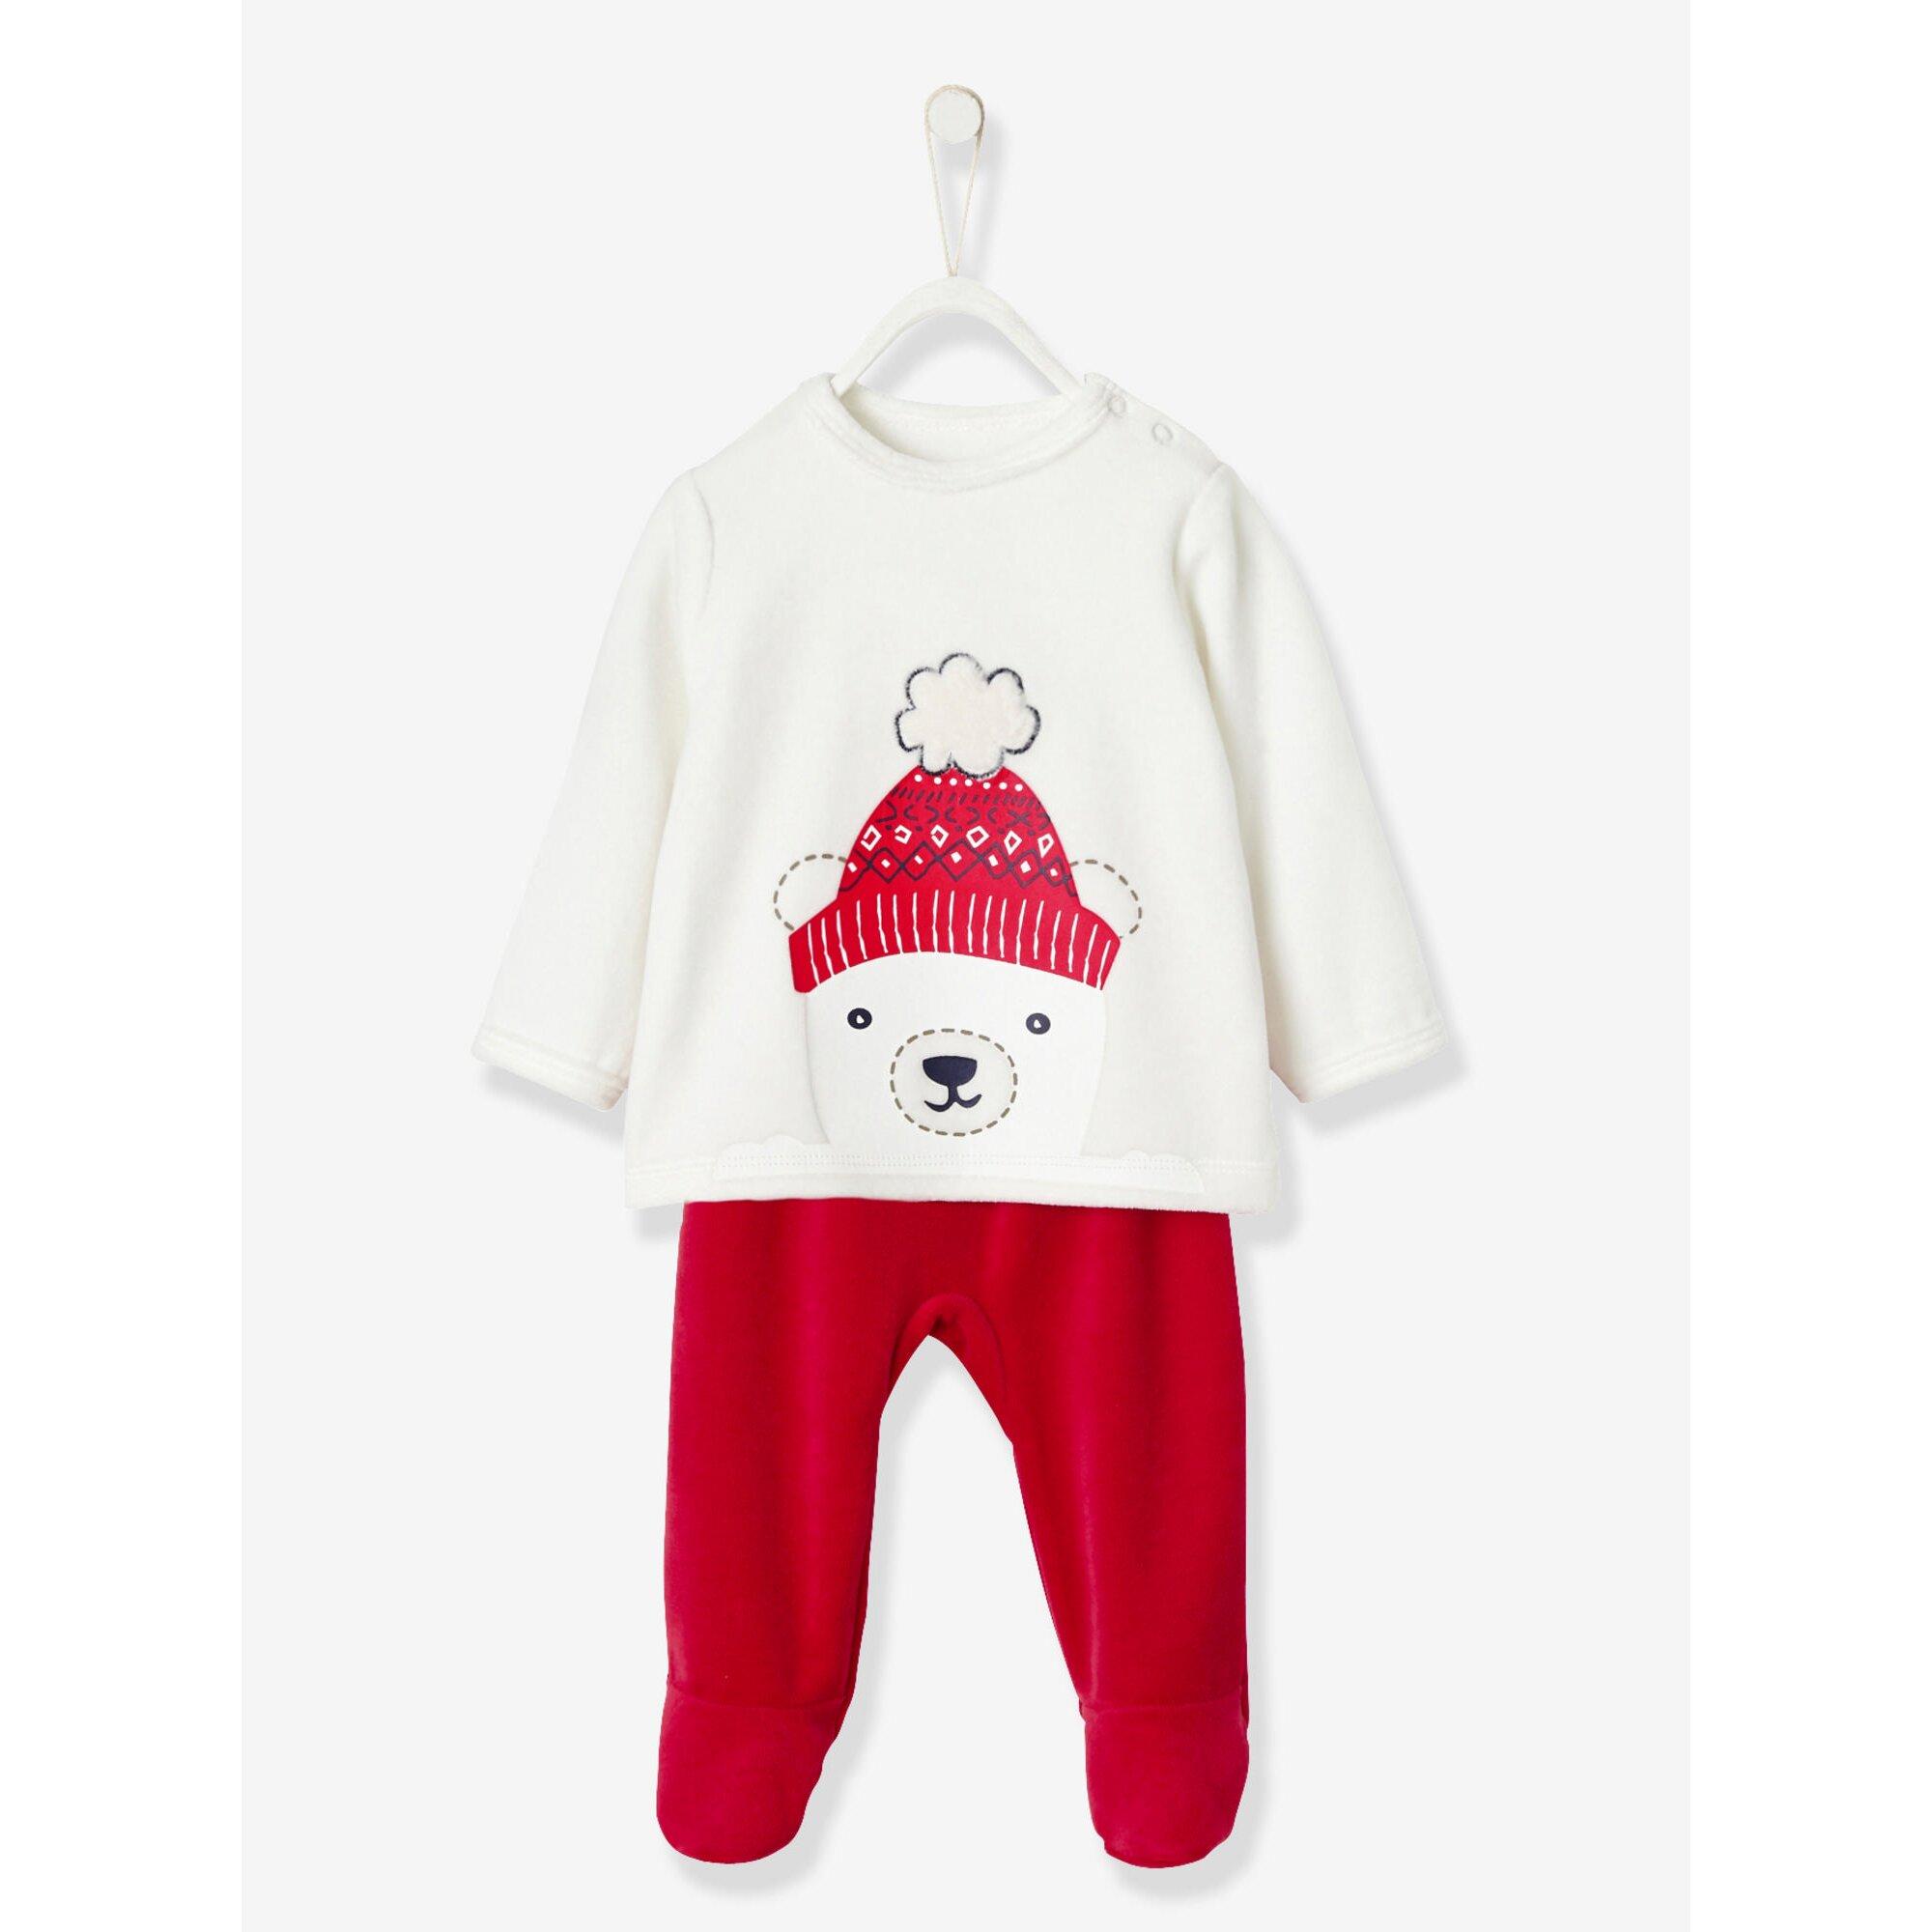 vertbaudet-2er-pack-baby-schlafanzuge-aus-samt, 15.99 EUR @ babywalz-de